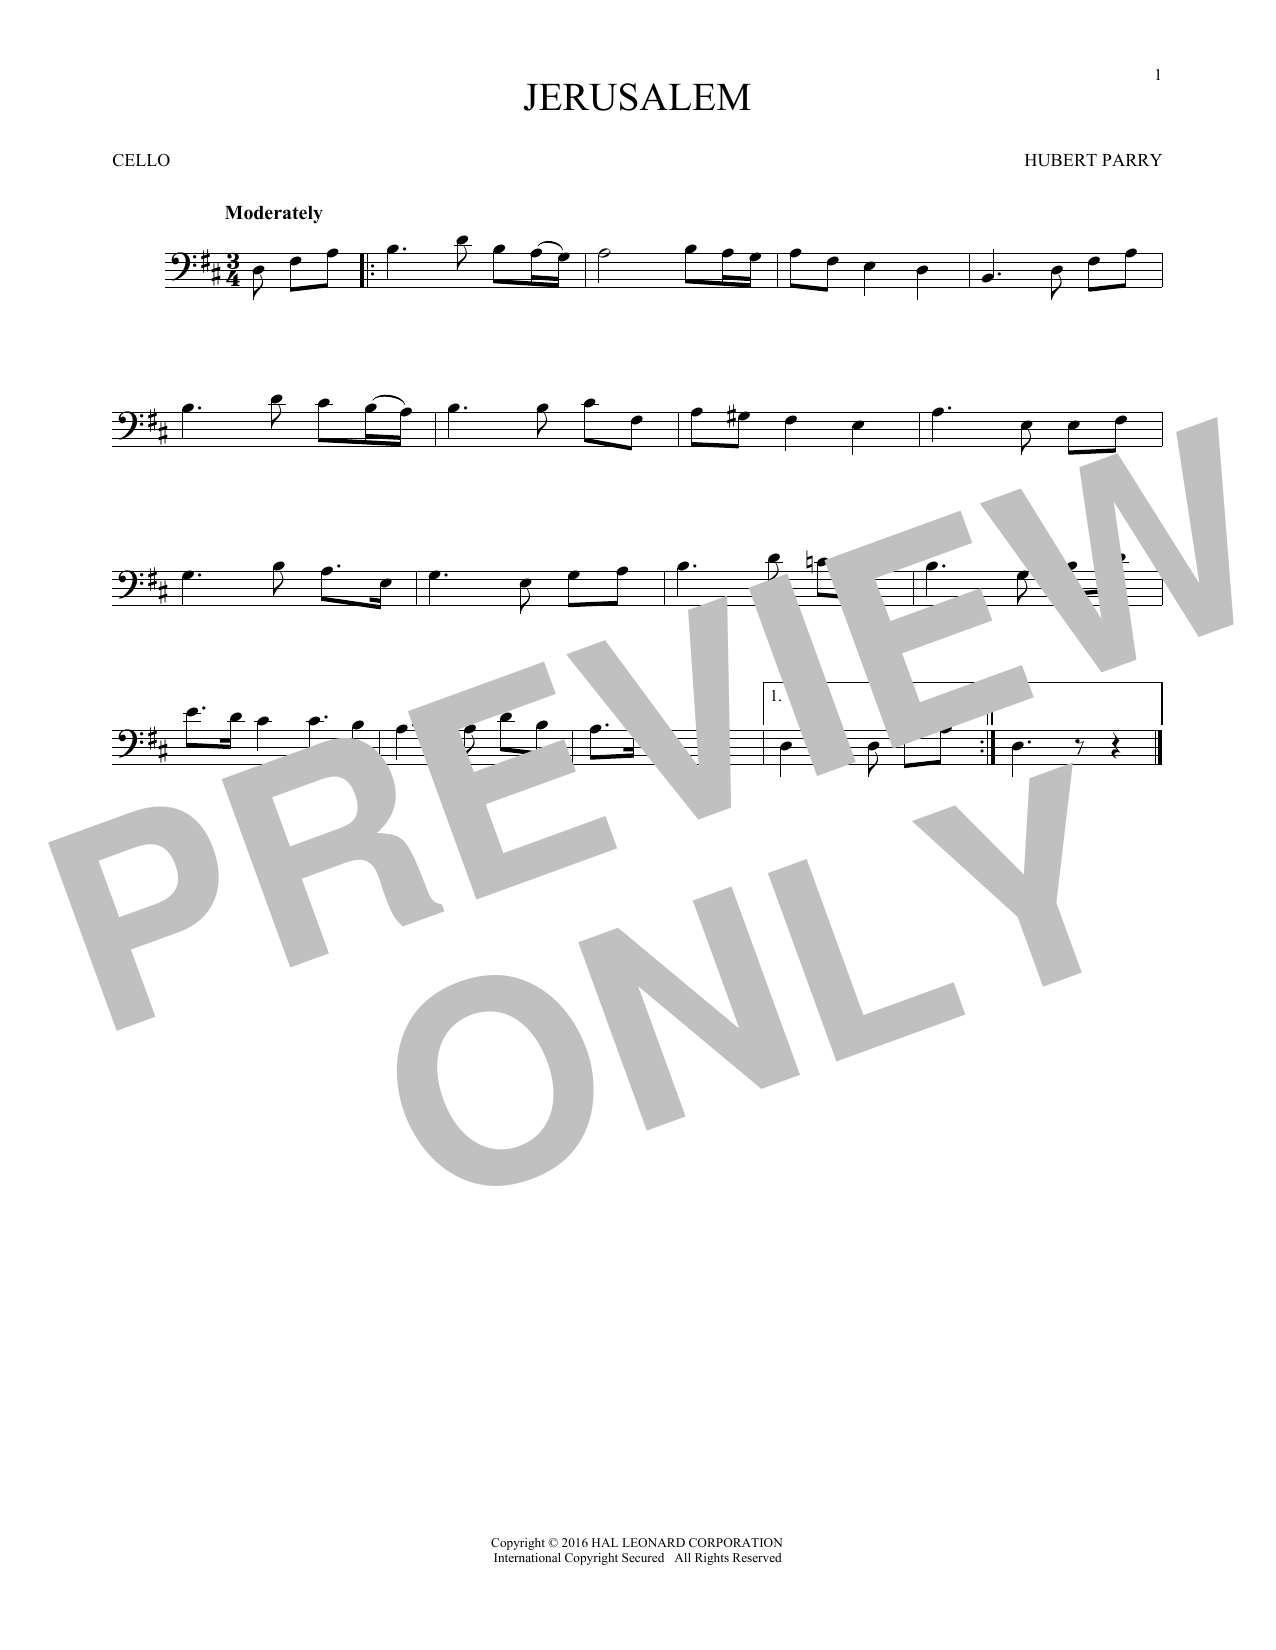 Jerusalem (Cello Solo)